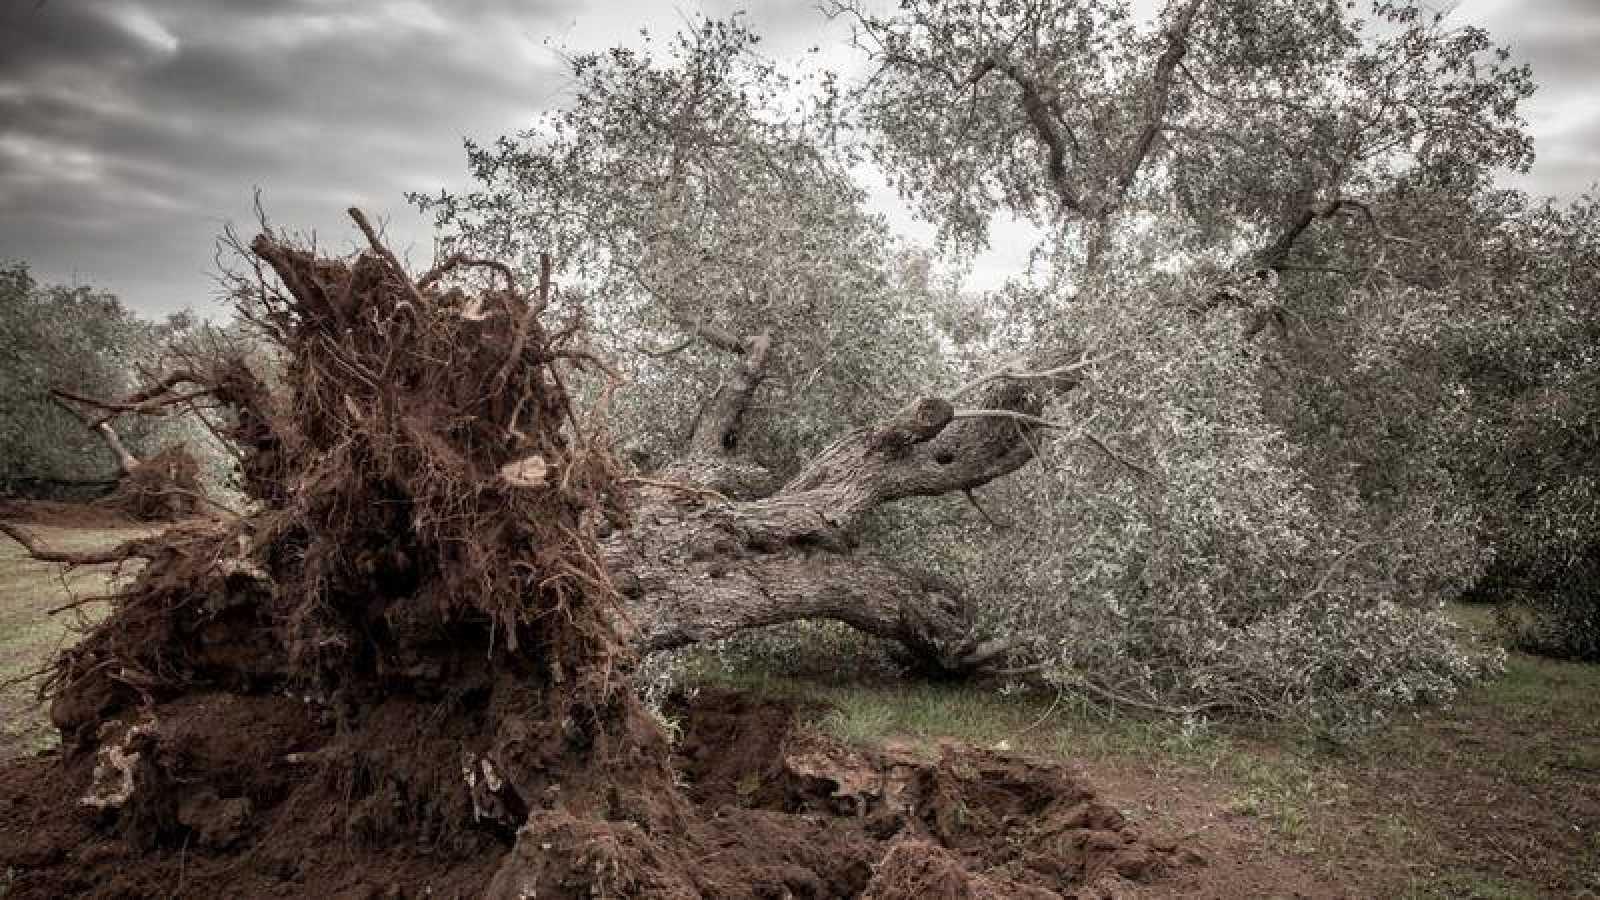 Olivo arrancado en la región italiana de Apulia, donde Xylella fastidiosa ha obligado a erradicar más de un millón de estos árboles.